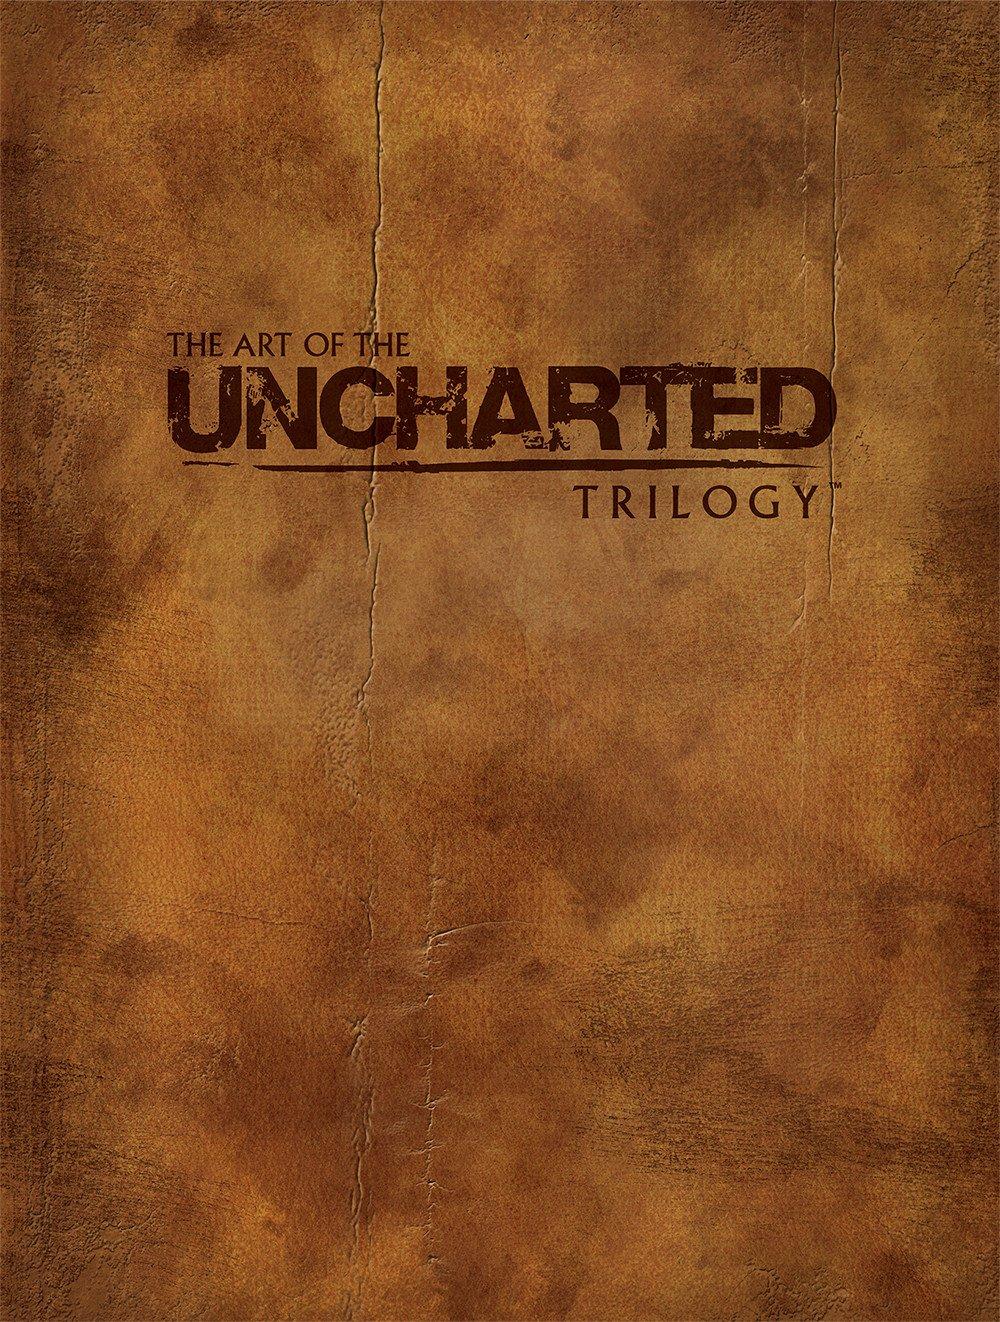 The Art of the Uncharted Trilogy. 184 страничный артбук приуроченный к 30-летию Ноти Богов.. - Изображение 2